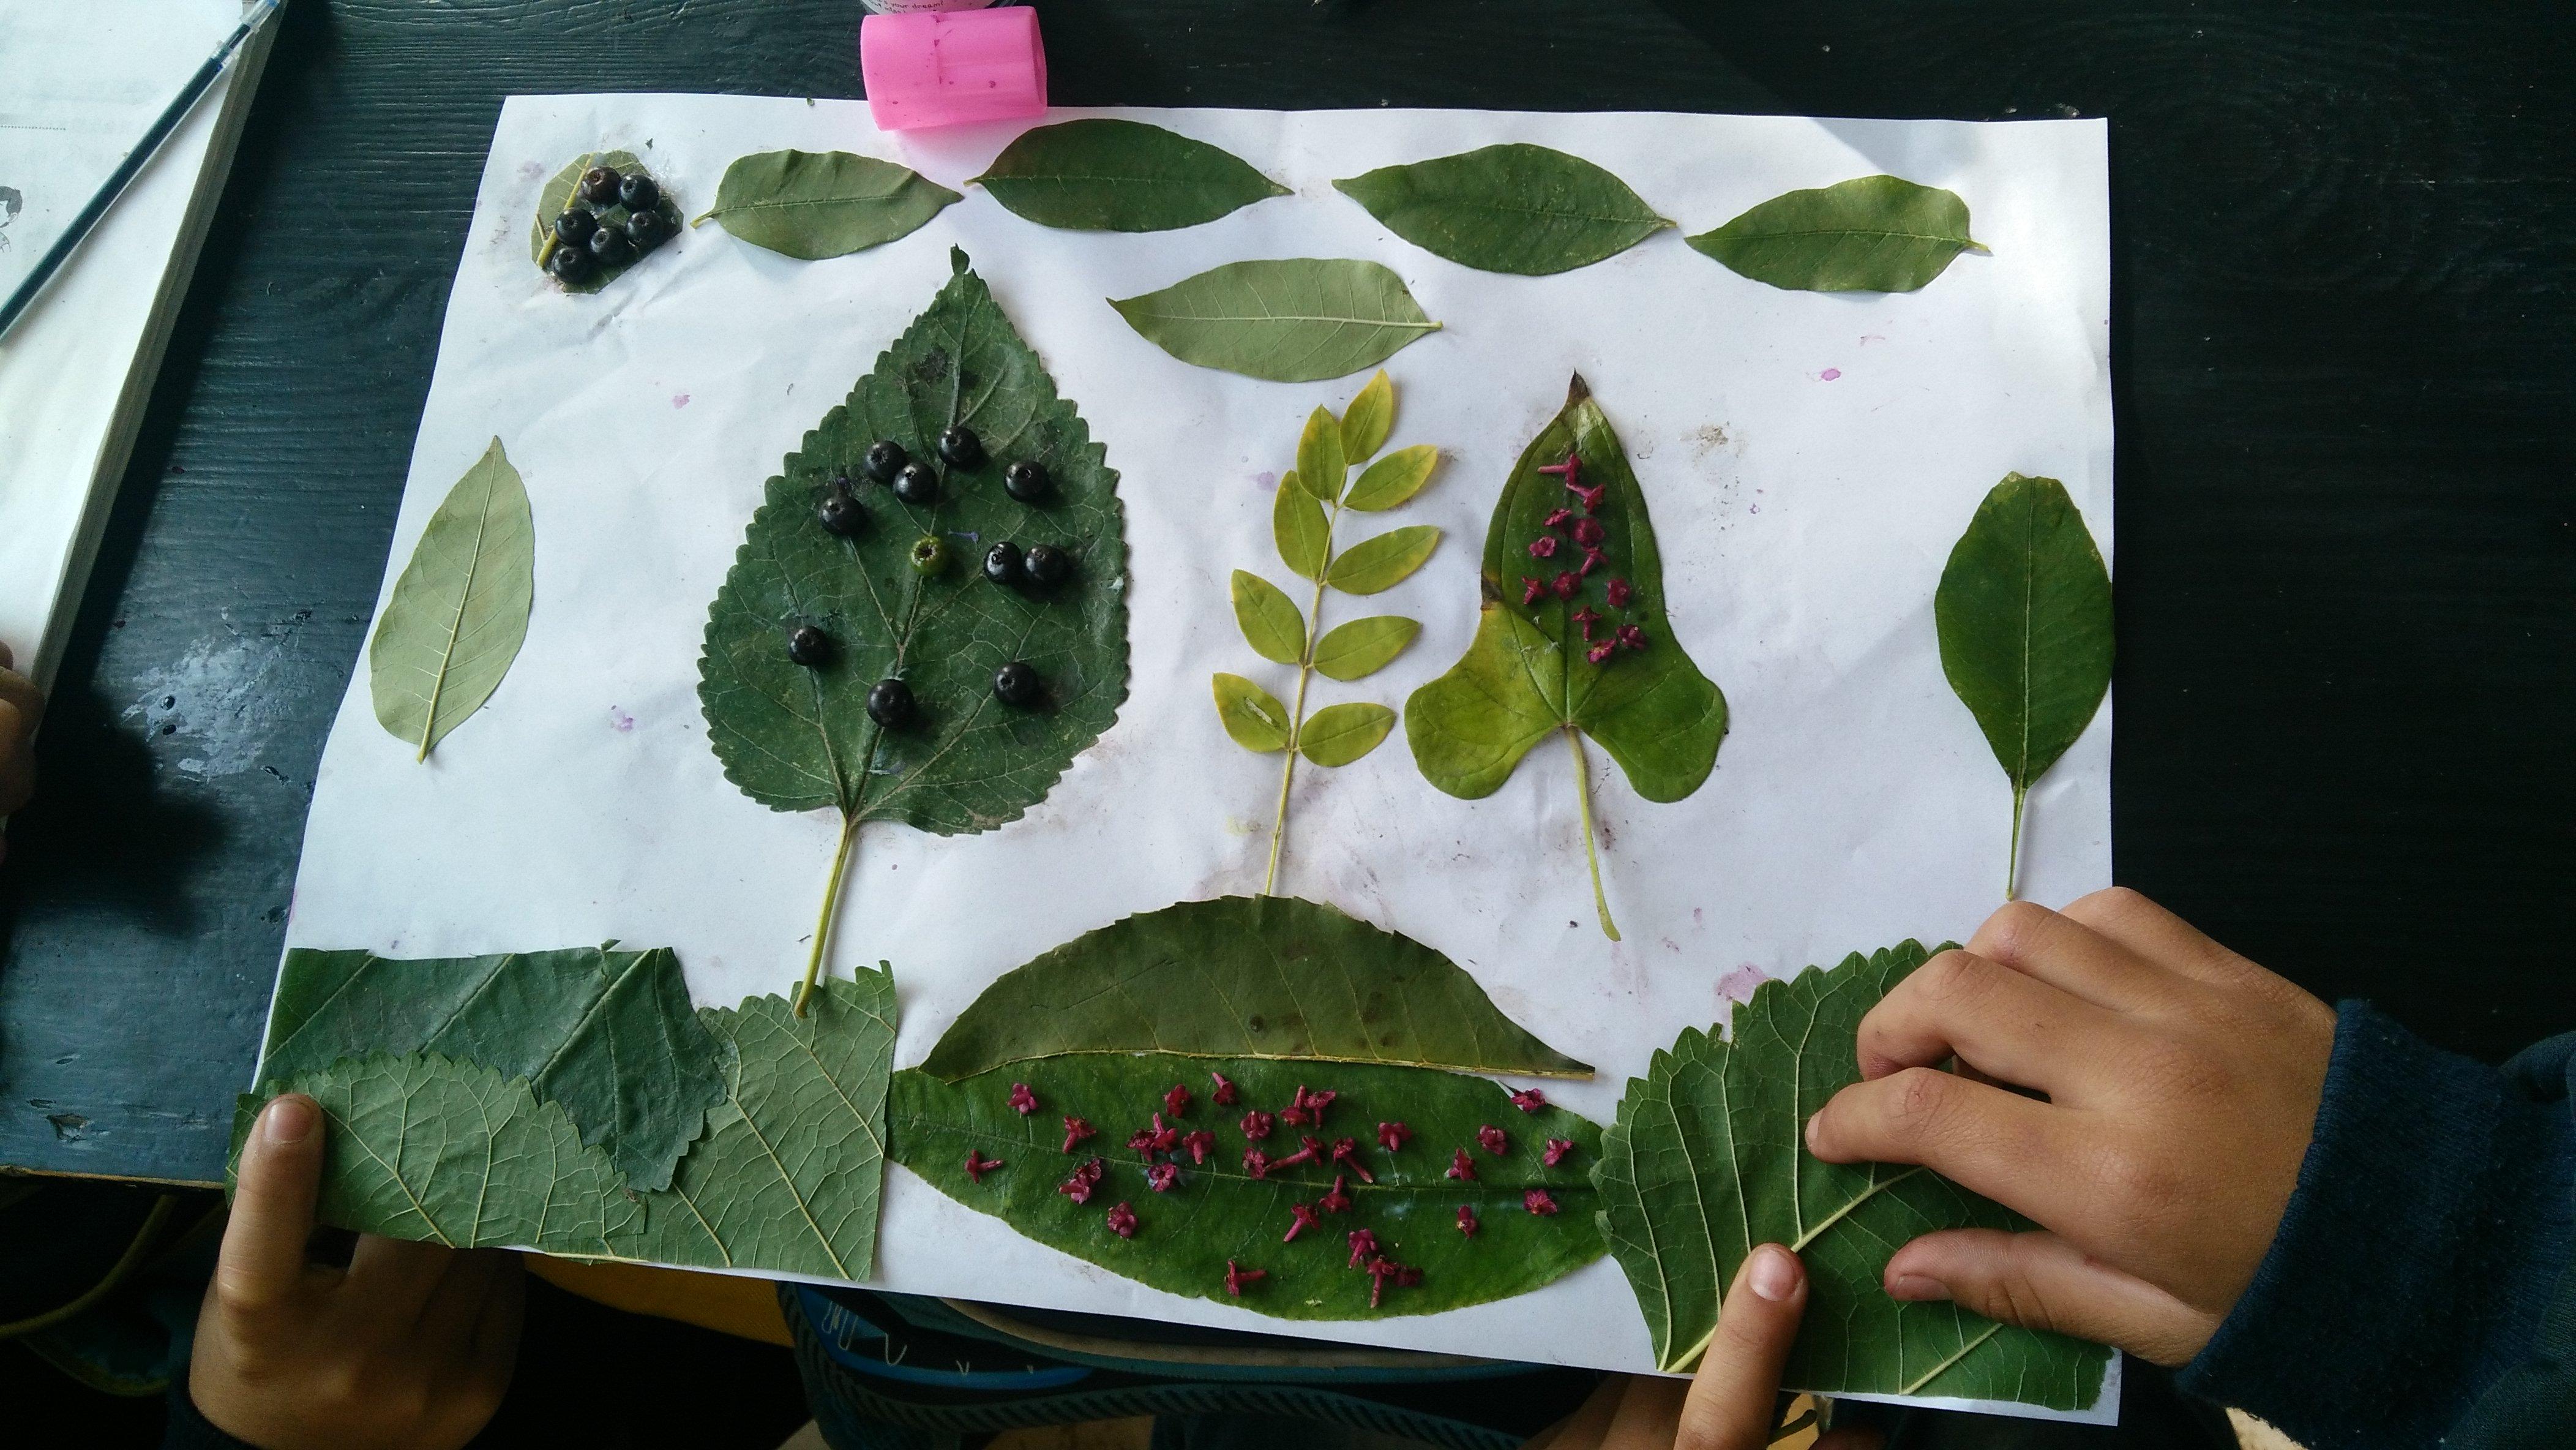 三年级举行创意树叶贴画活动